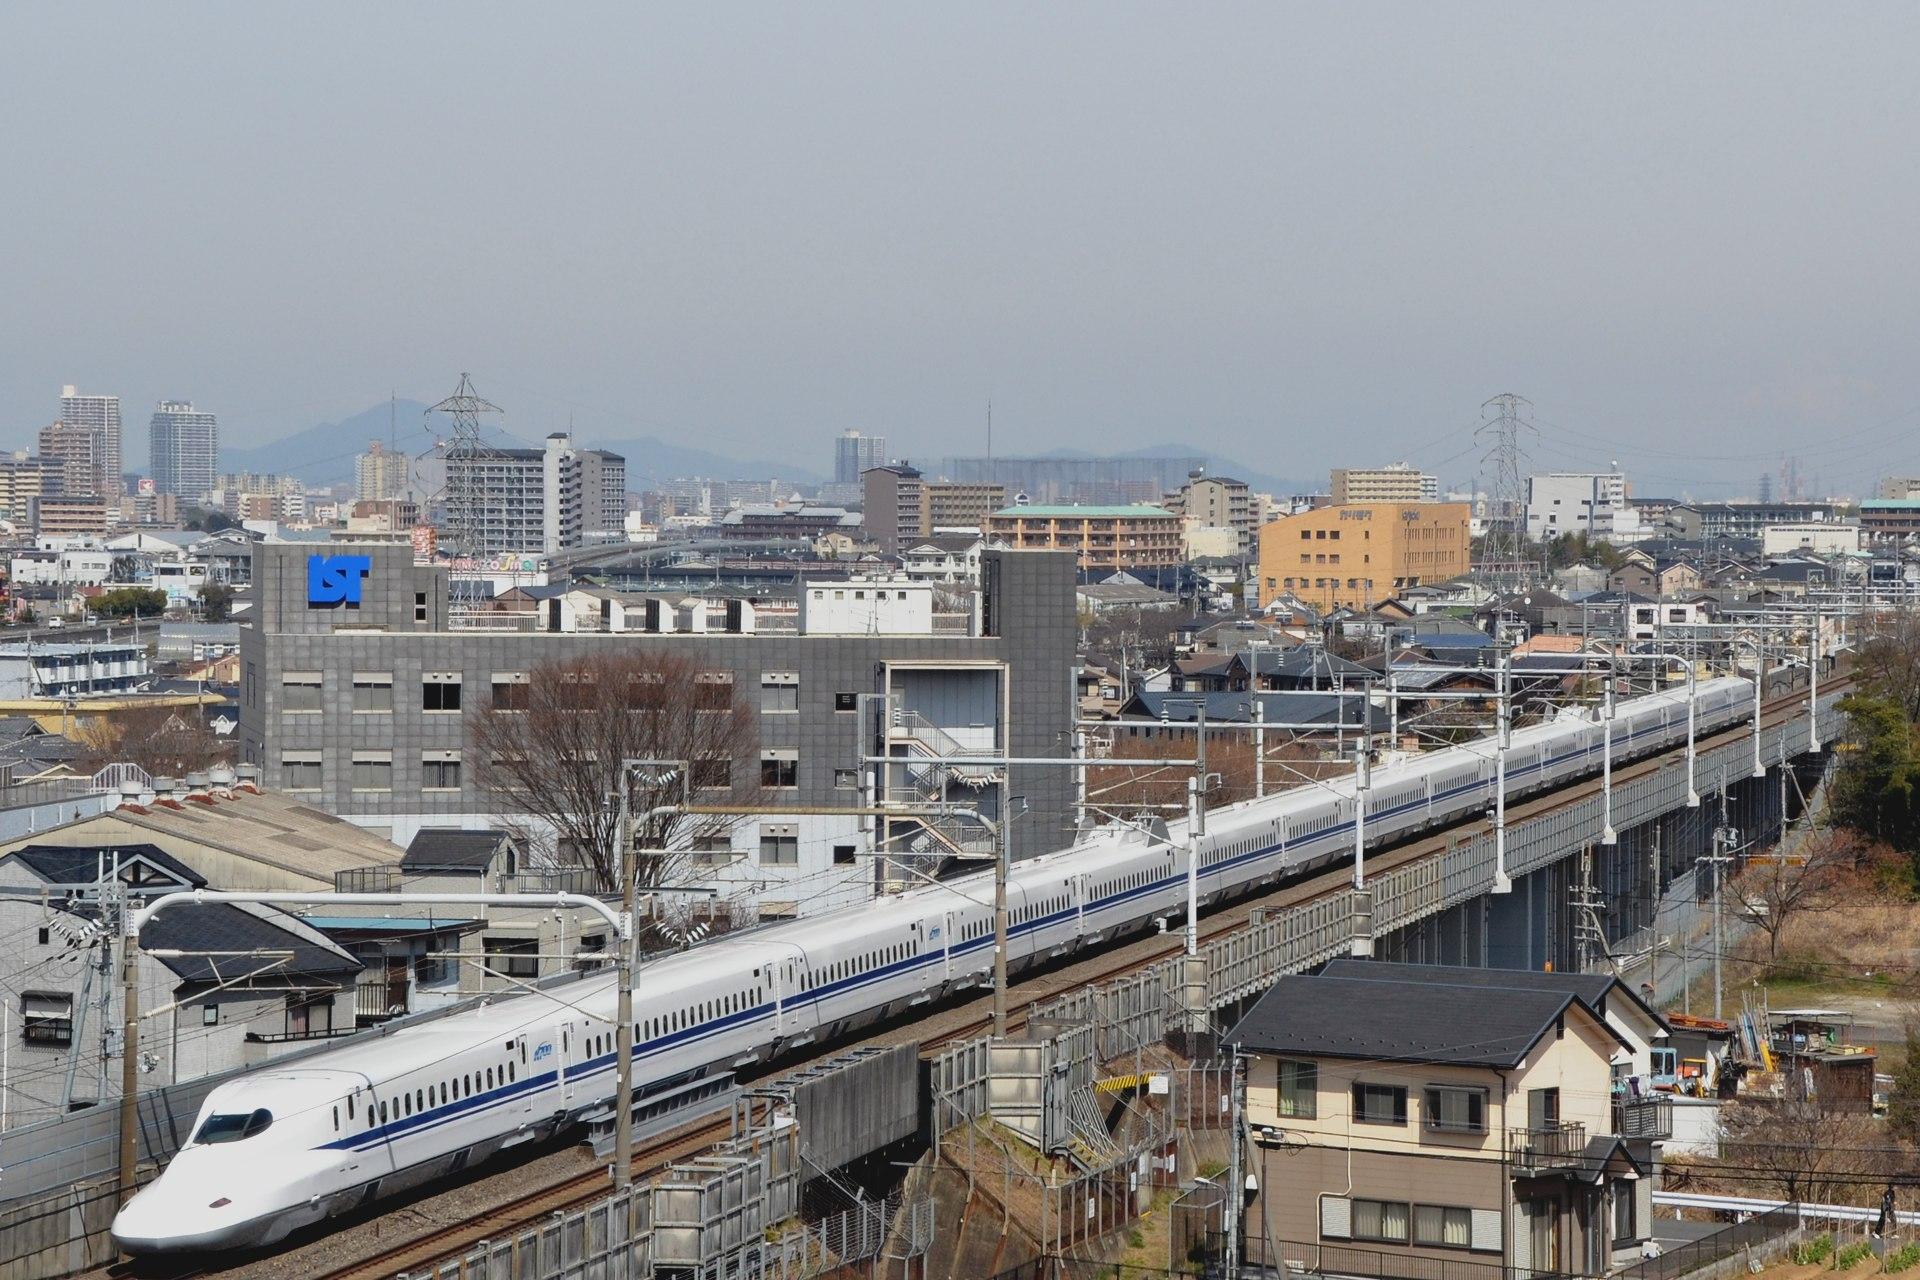 1001shinkansen_01